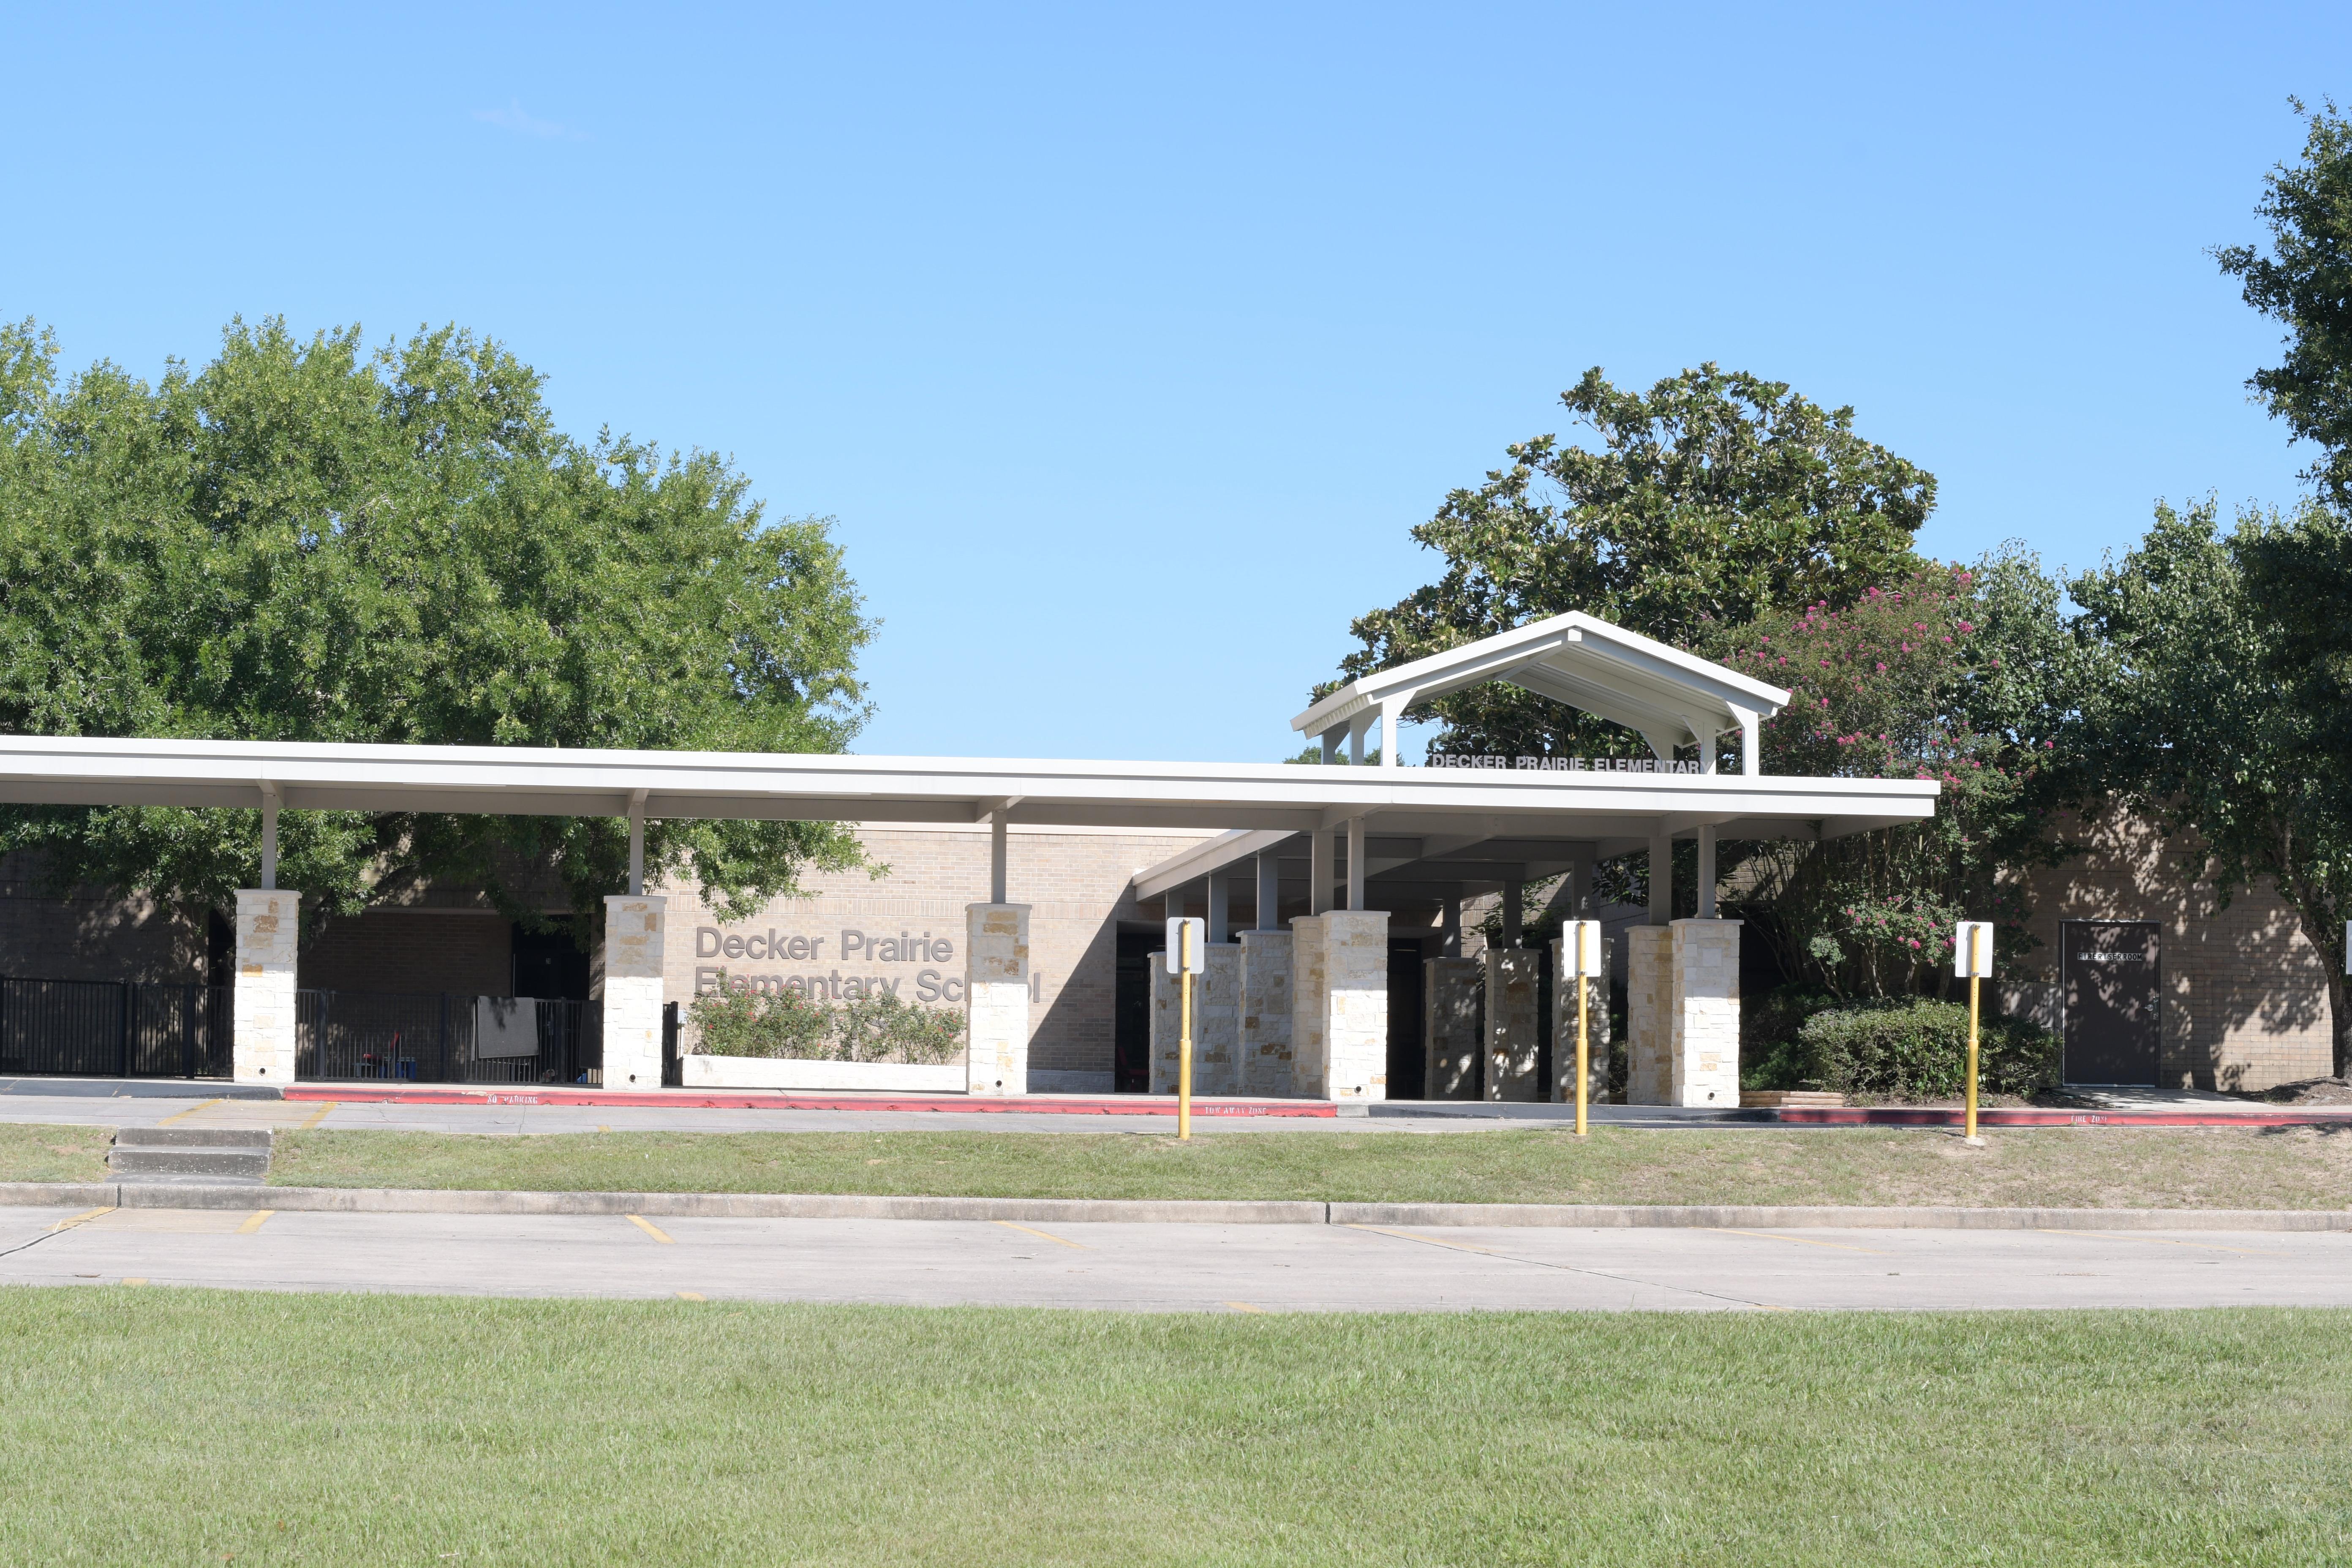 Decker Prairie Elementary